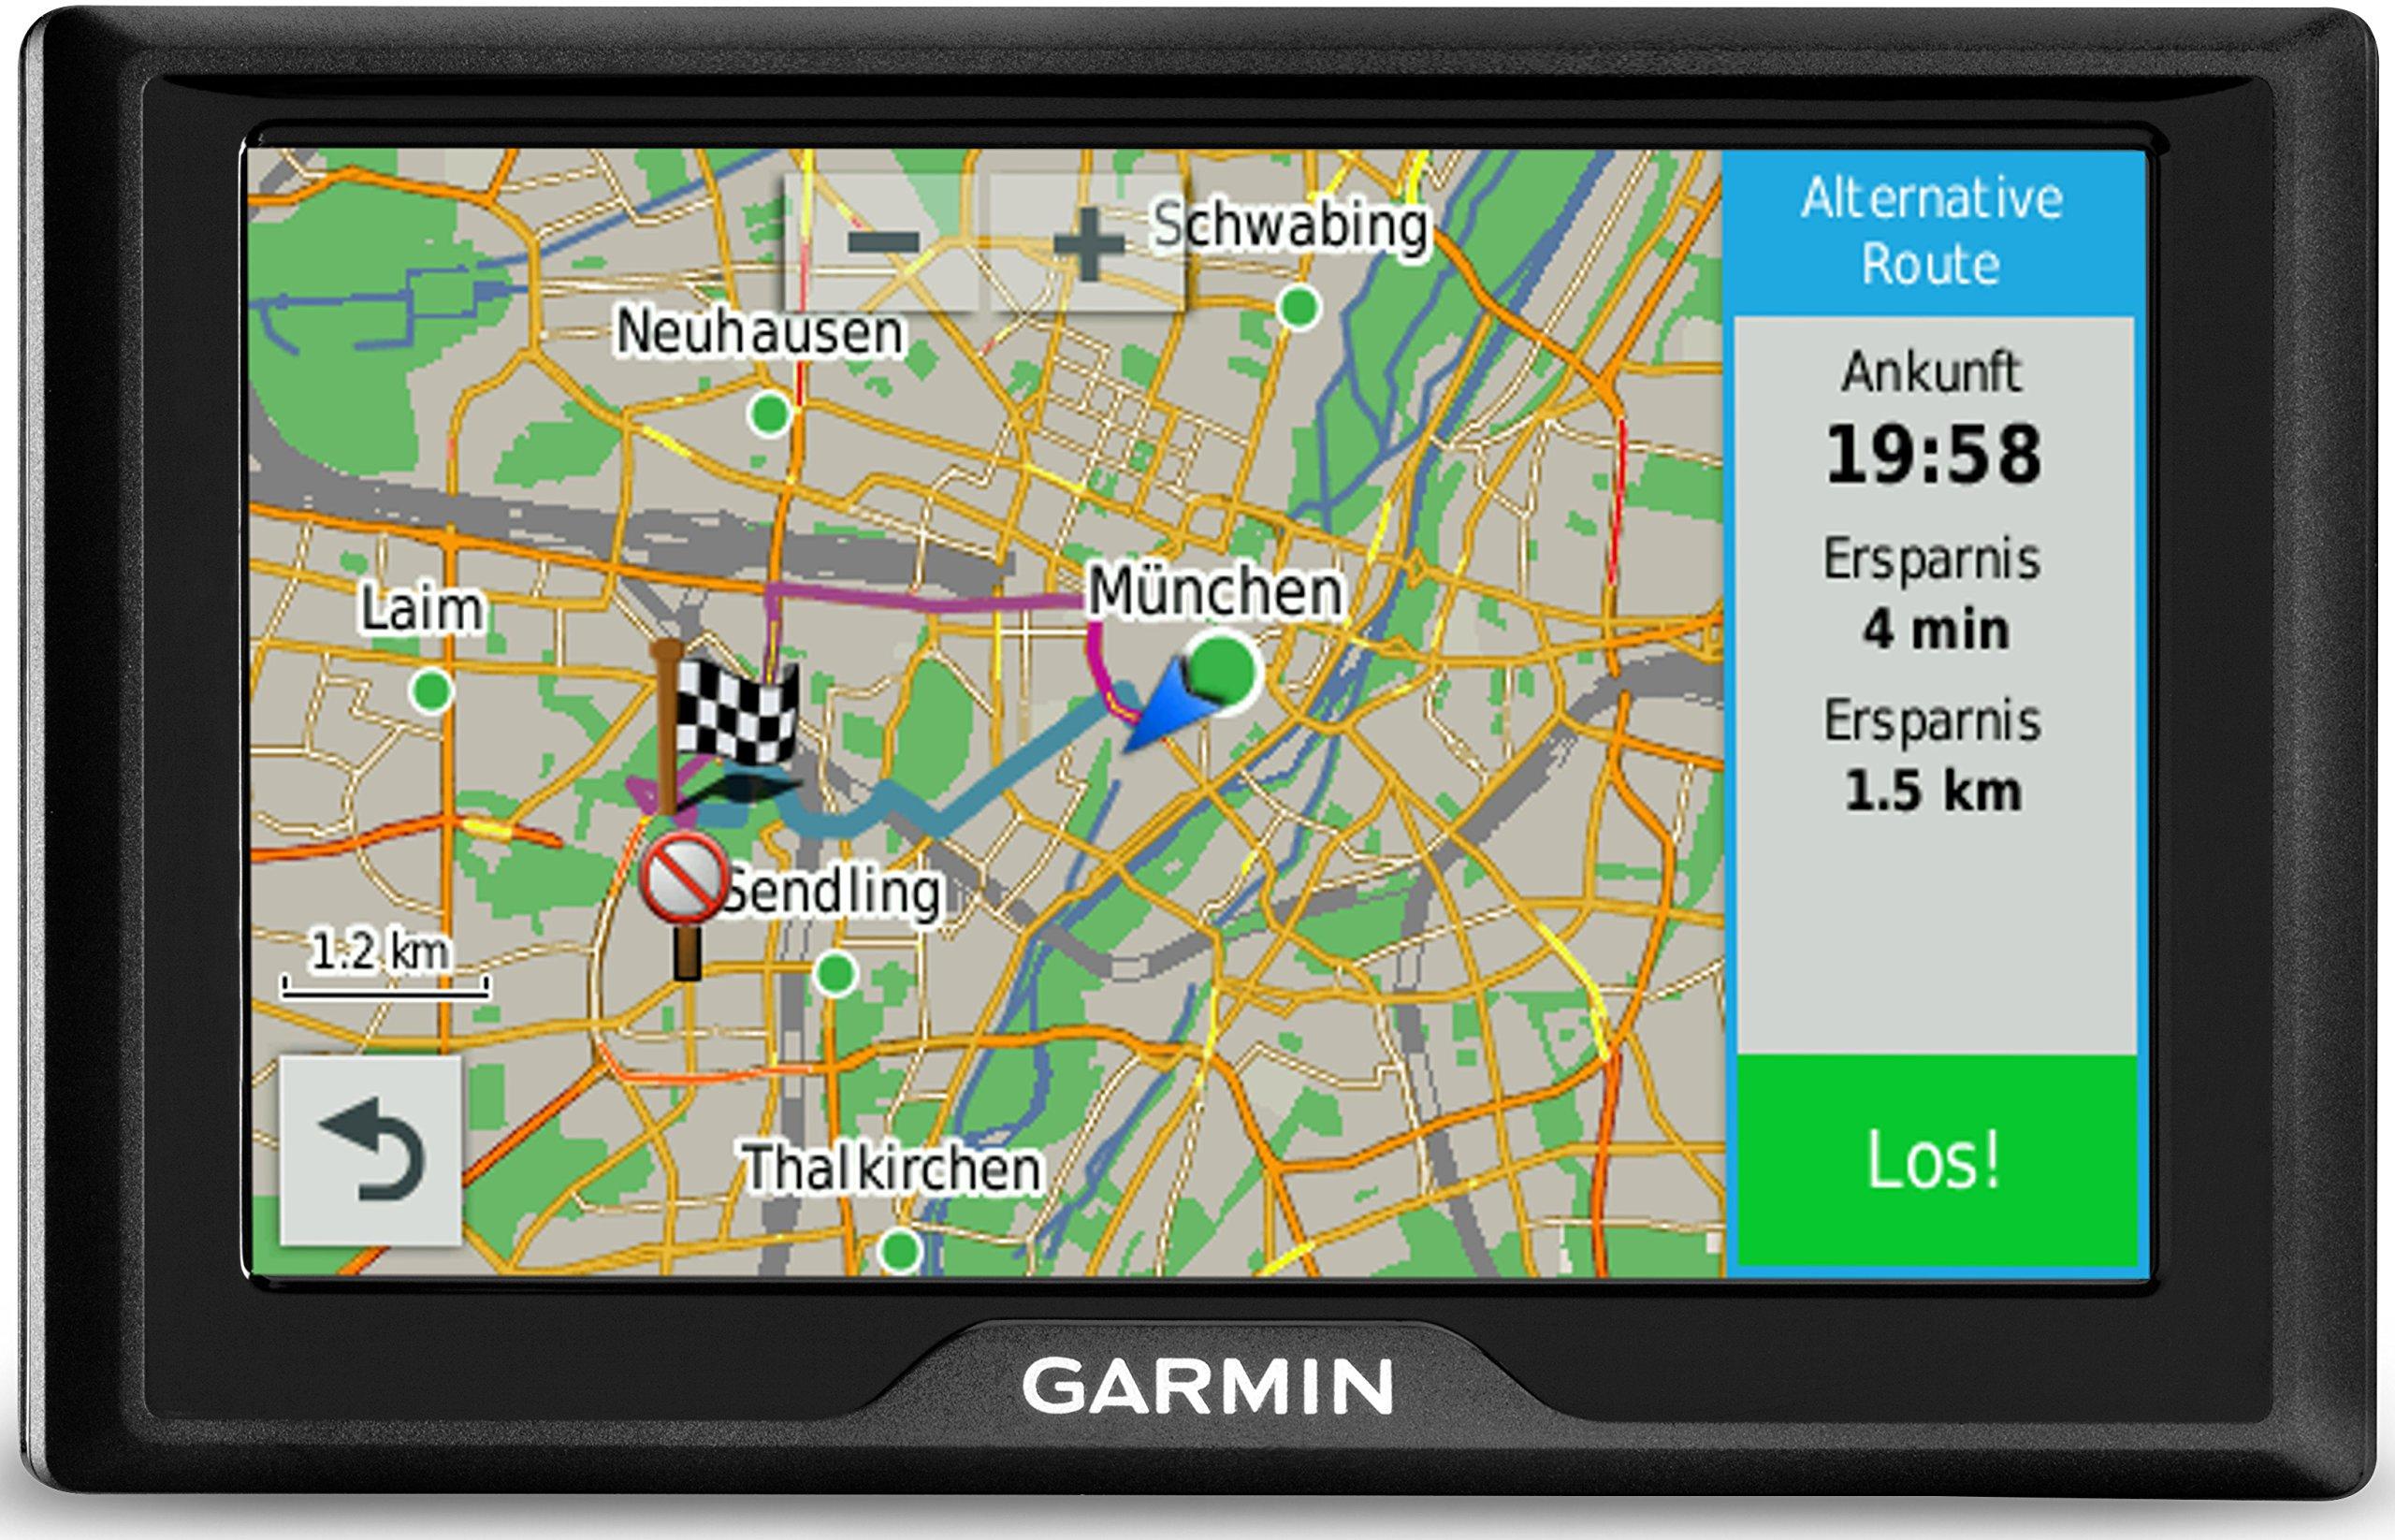 Garmin-Drive-LMT-CE-Navigationsgert-lebenslange-Kartenupdates-Premium-Verkehrsfunklizenz-Touchscreen